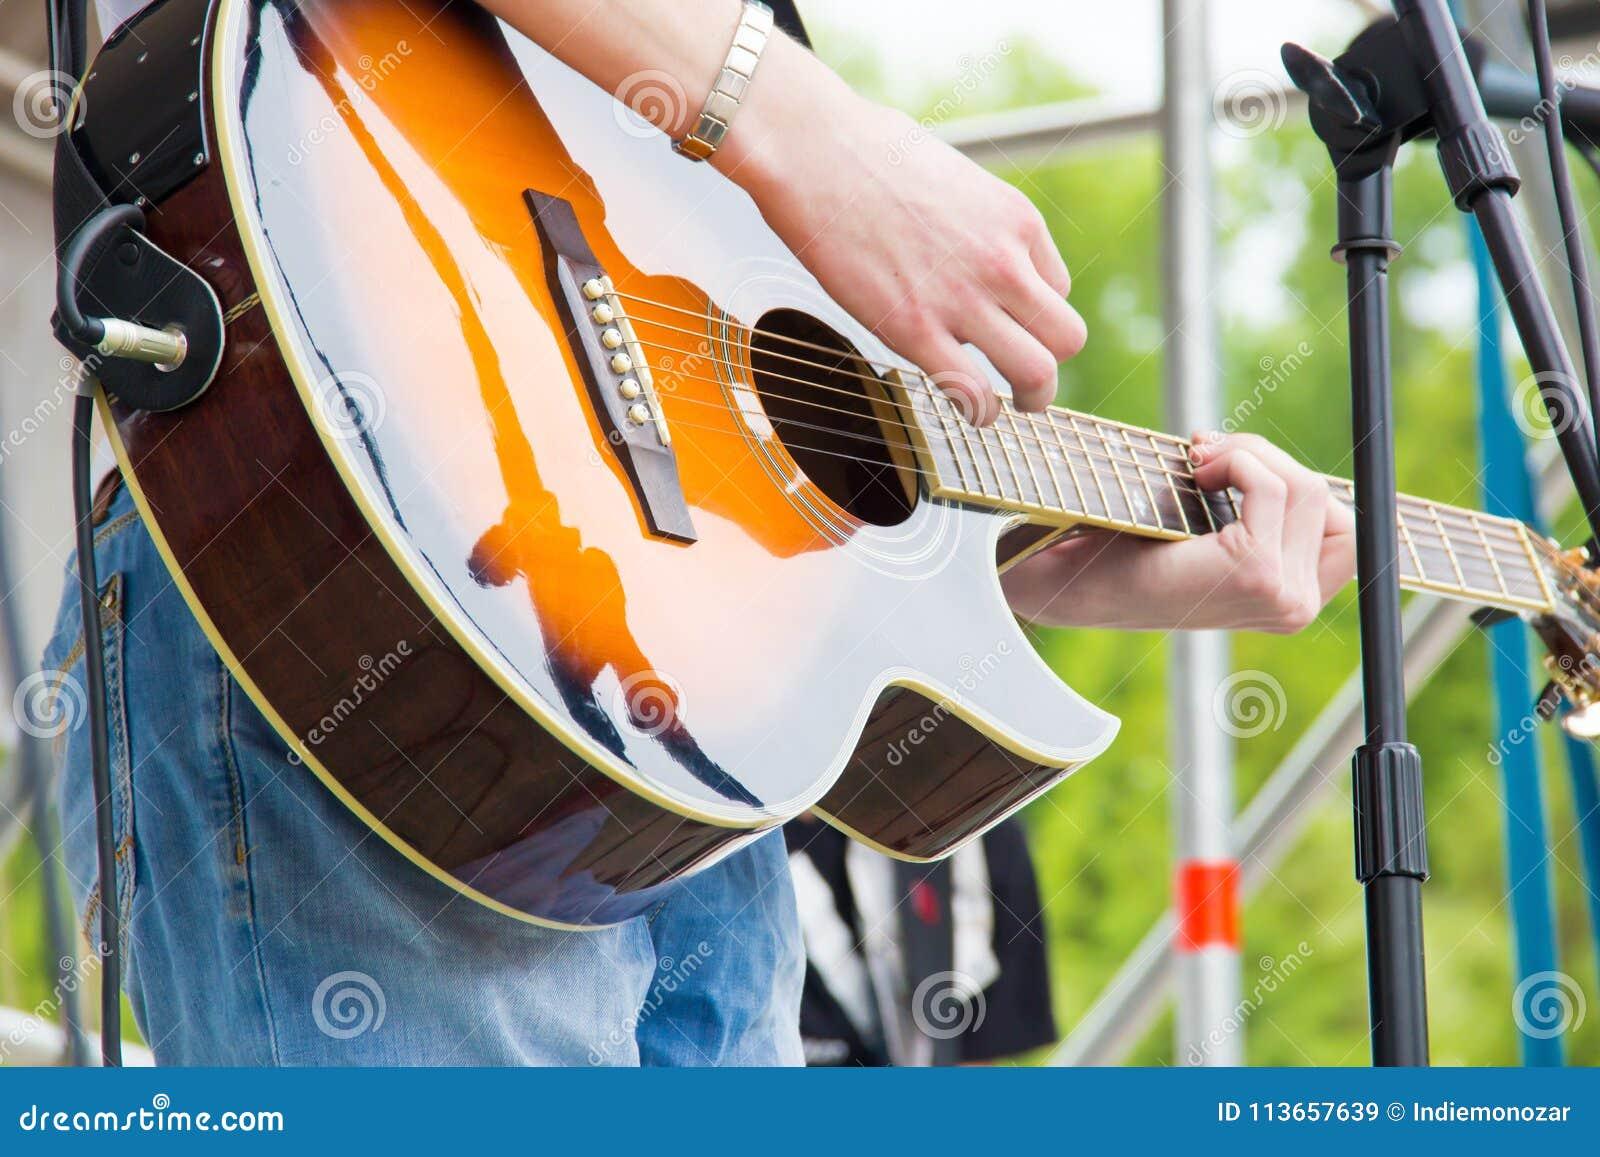 Μουσική ζώνη perfom σε ένα υπαίθριο φεστιβάλ Ακουστική κιθάρα χρώματος ηλιοφάνειας μουσικής παιχνιδιού ατόμων κιθαριστών